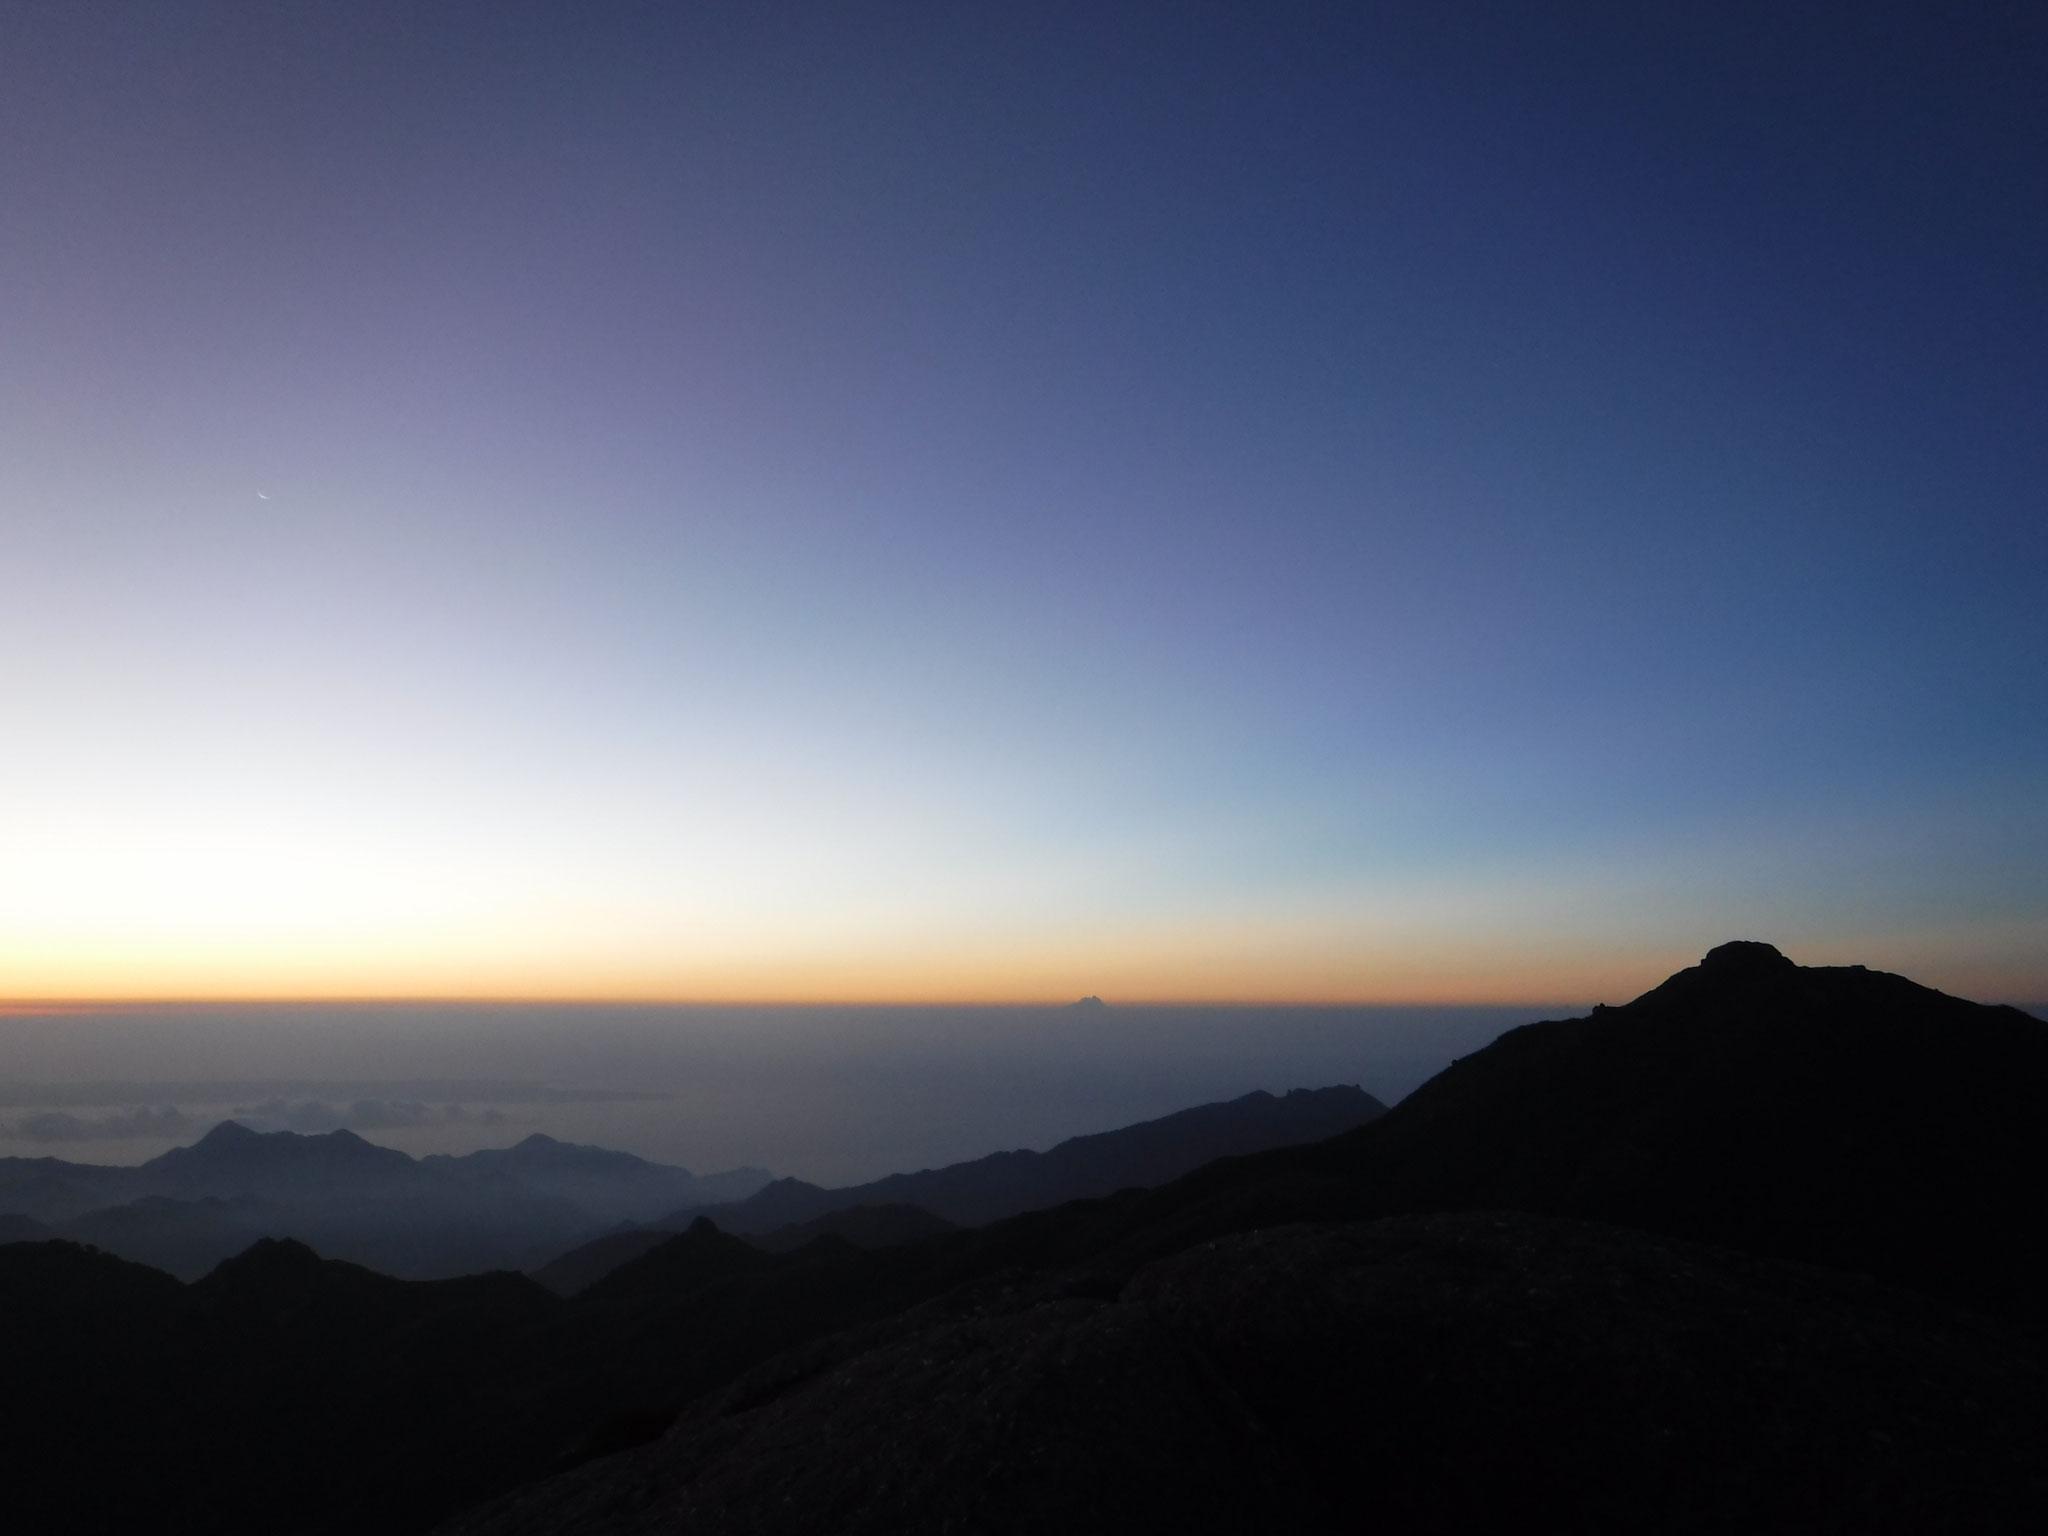 5:00 永田岳山頂より宮之浦岳